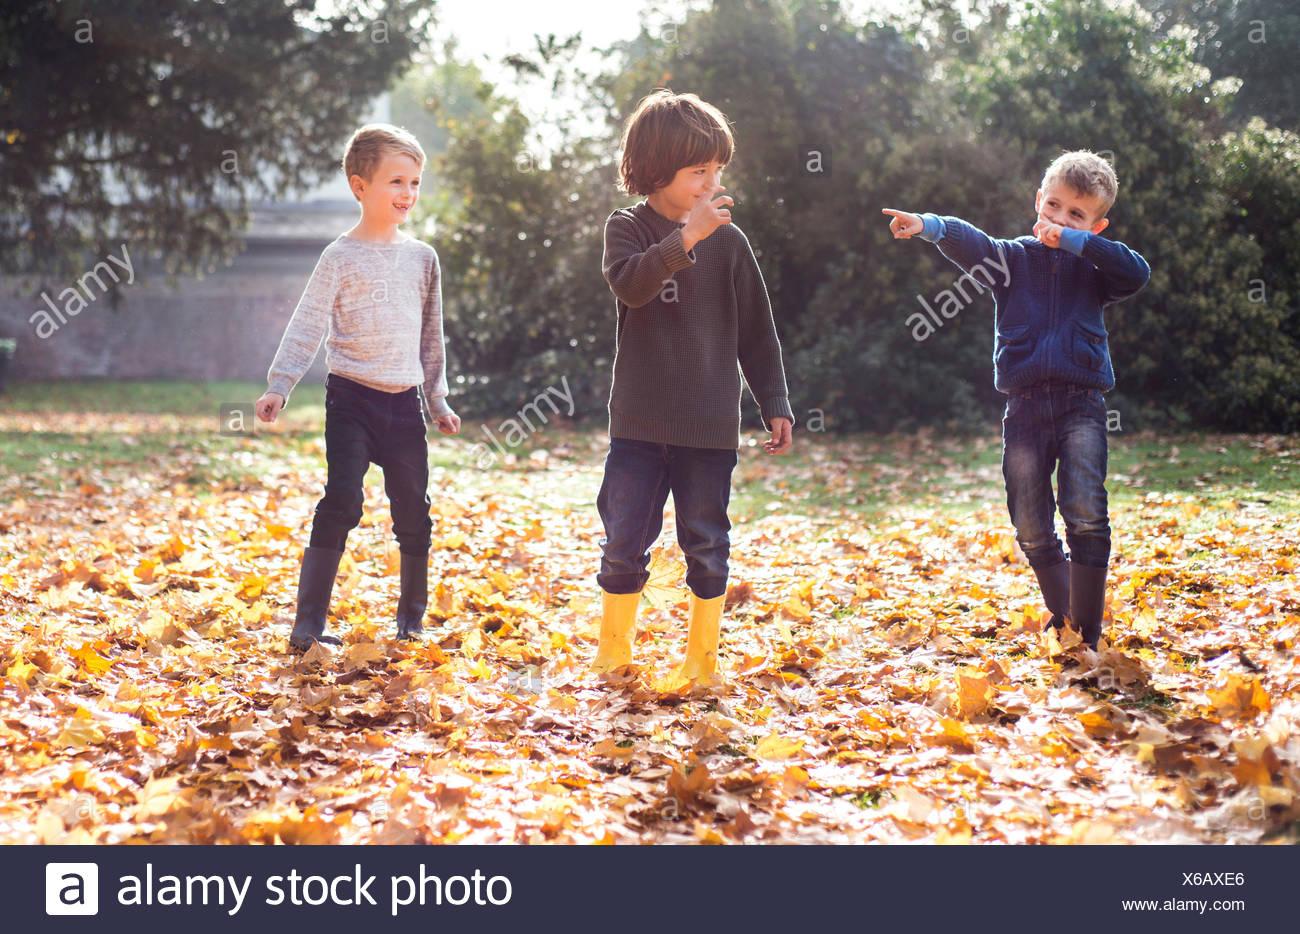 Tres muchachos jugando en el exterior, en las hojas de otoño Imagen De Stock